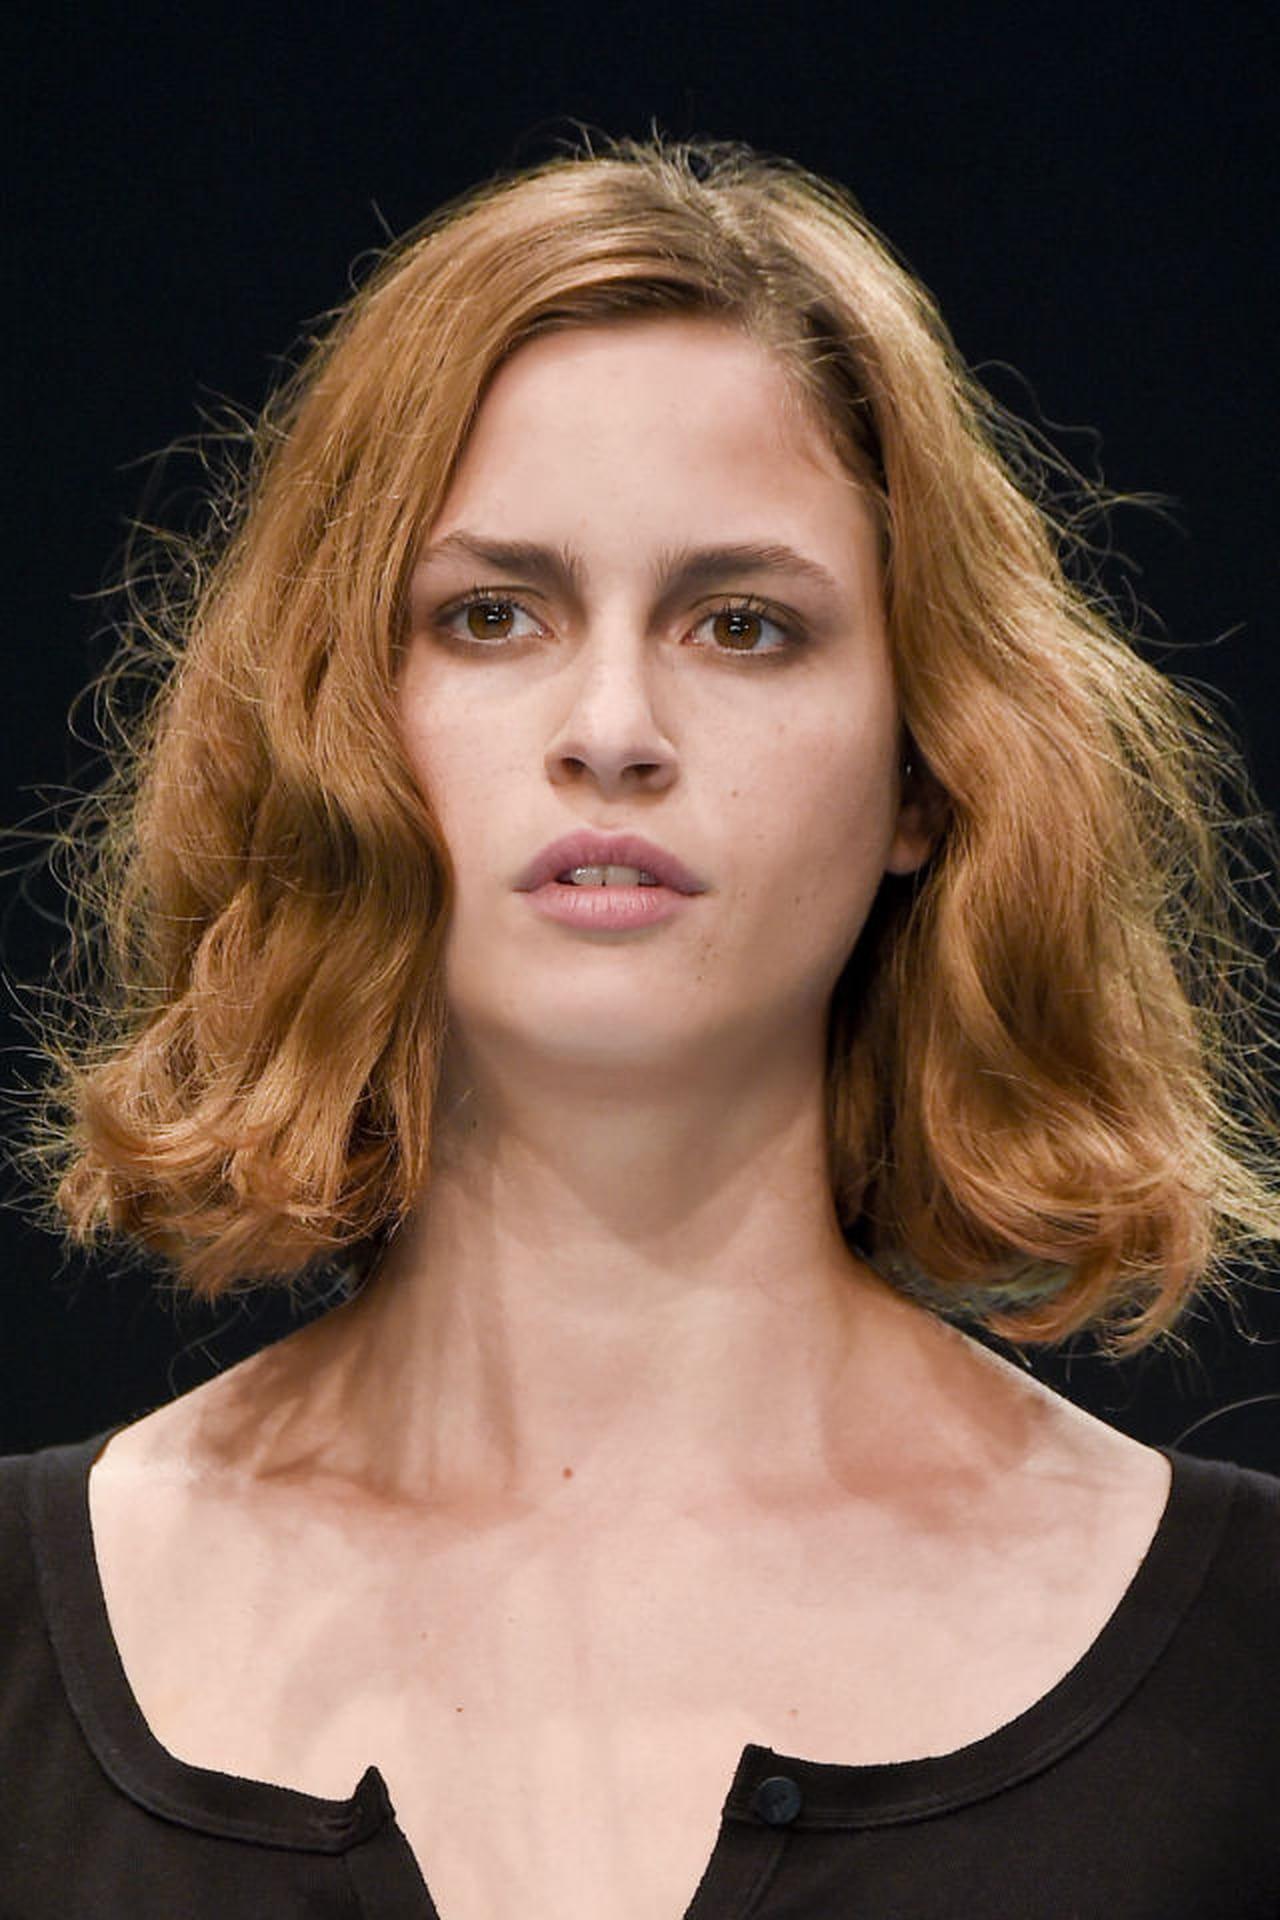 Tagli di capelli medi: tutte le tendenze